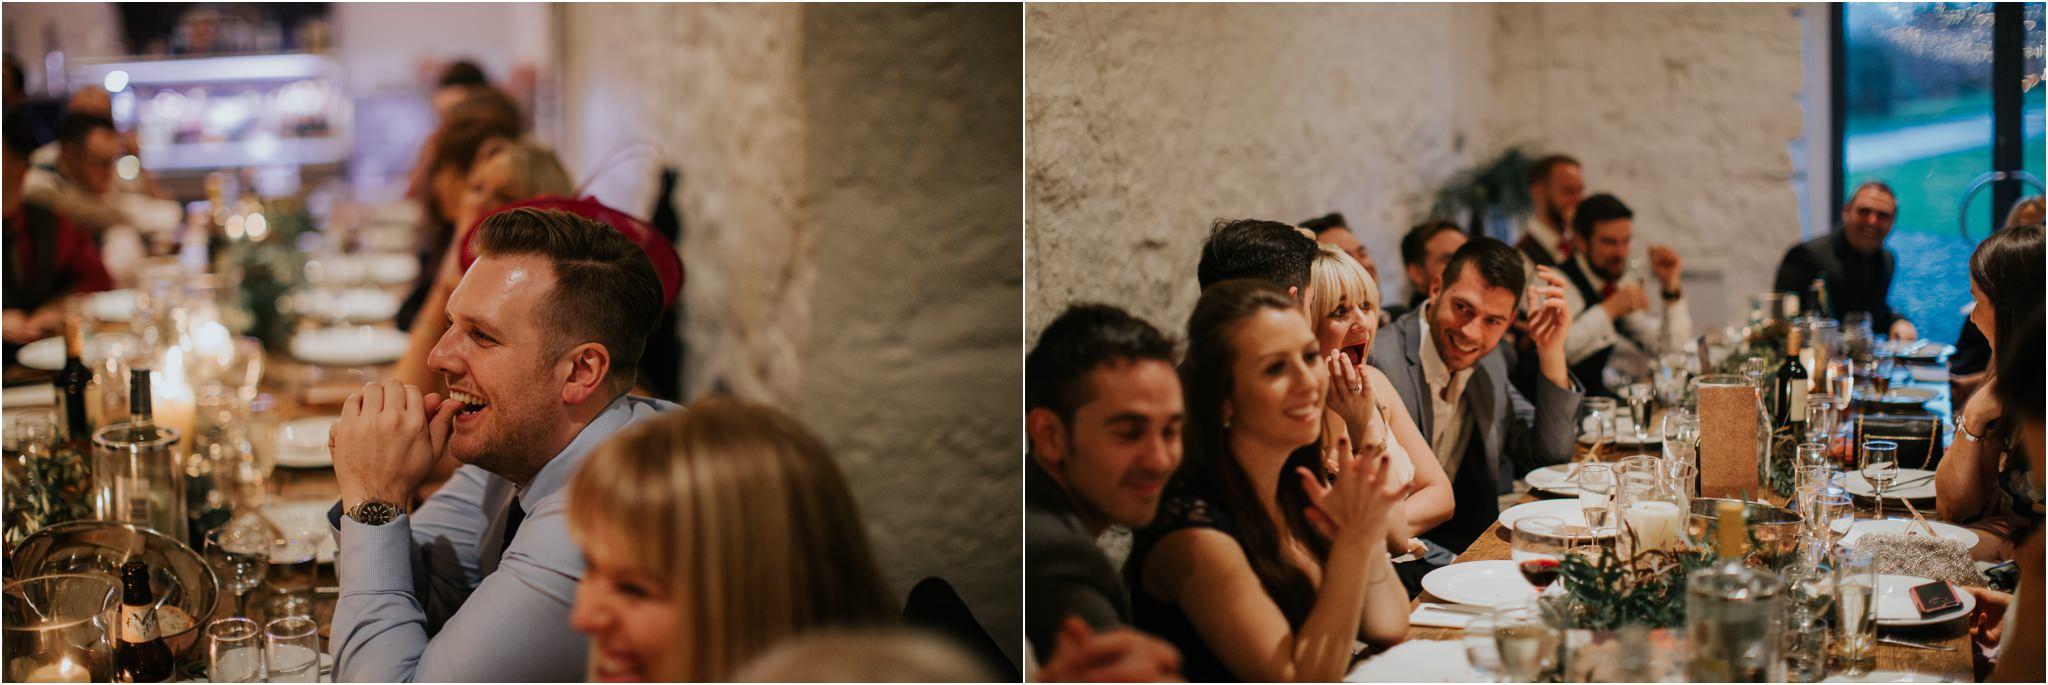 Photography 78 - Glasgow Wedding Photographer - Pete & Eilidh - Dalduff Farm_0088.jpg